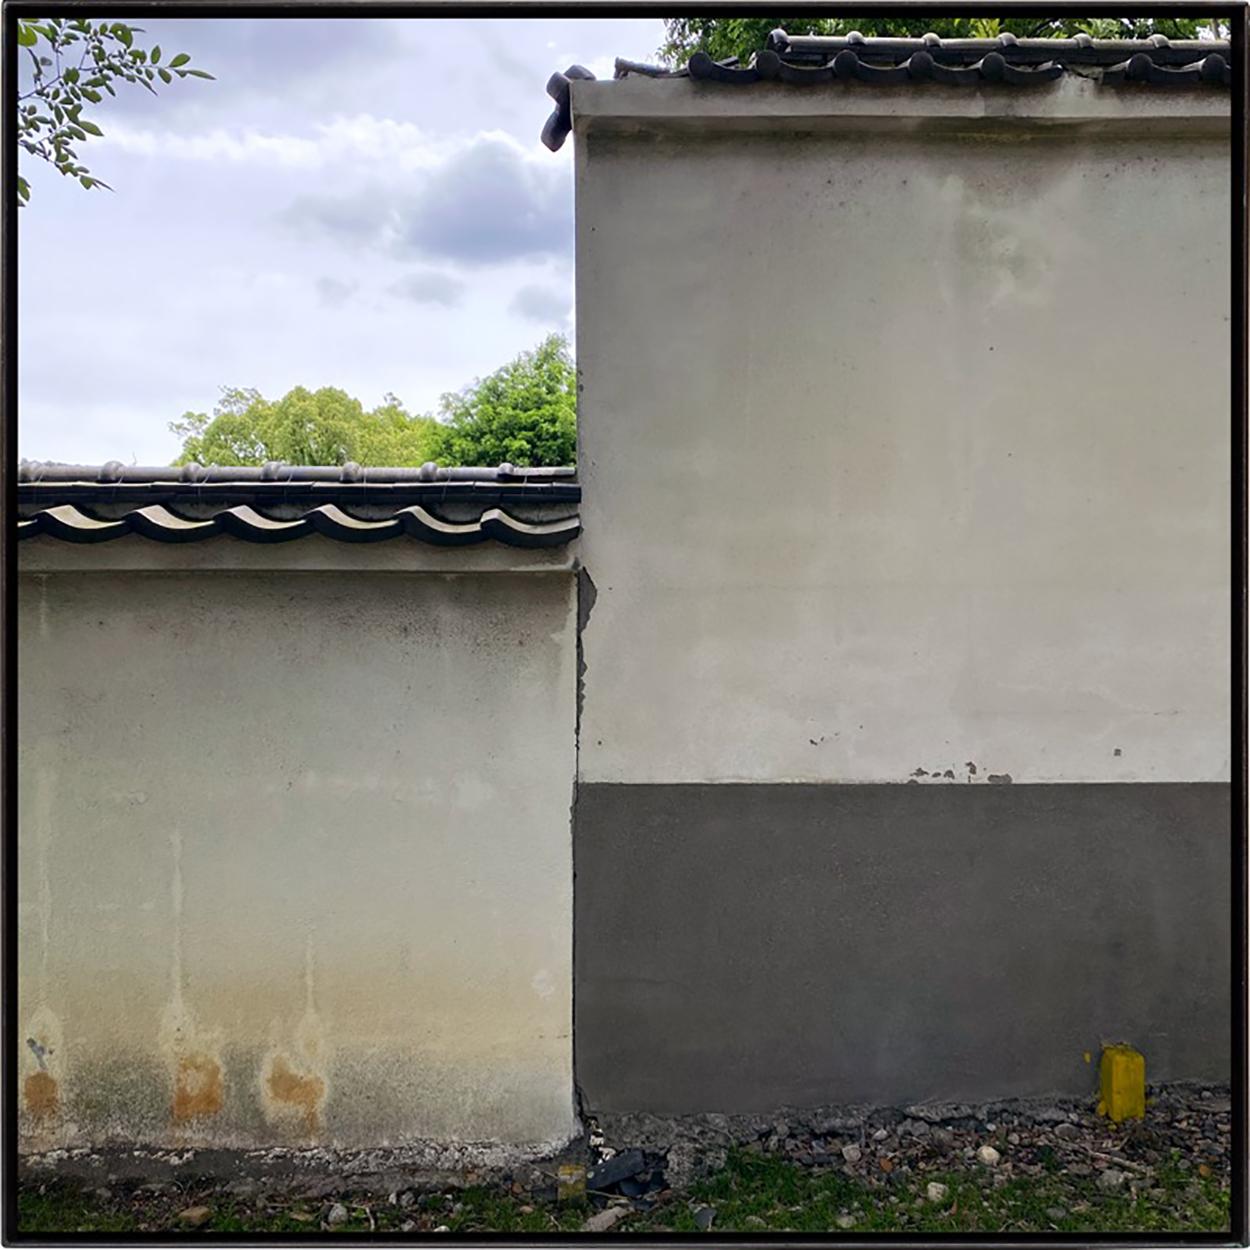 壁を眺める/Looking at a wall|Lambda silversalt print, acrylic board, iron|515 x 515 x 25 mm|2020<br><br>人は二つの目で対象をとらえるが、カメラの場合は一つの「点」から覗く世界を記録する。<br>ある意図をもって空間の中の座標を探し求めシャッターを押すと、無秩序な世界に秩序めいた関係が写る。<br>いつもそんな風景を探している。 正方形という形は四辺が同じ長さの直線で構成されていて、その水平・垂直軸が傾くと重力に逆らう感覚を覚える。<br>カメラは様々なものを写しながら実は重力を写し撮っているのかもしれない。